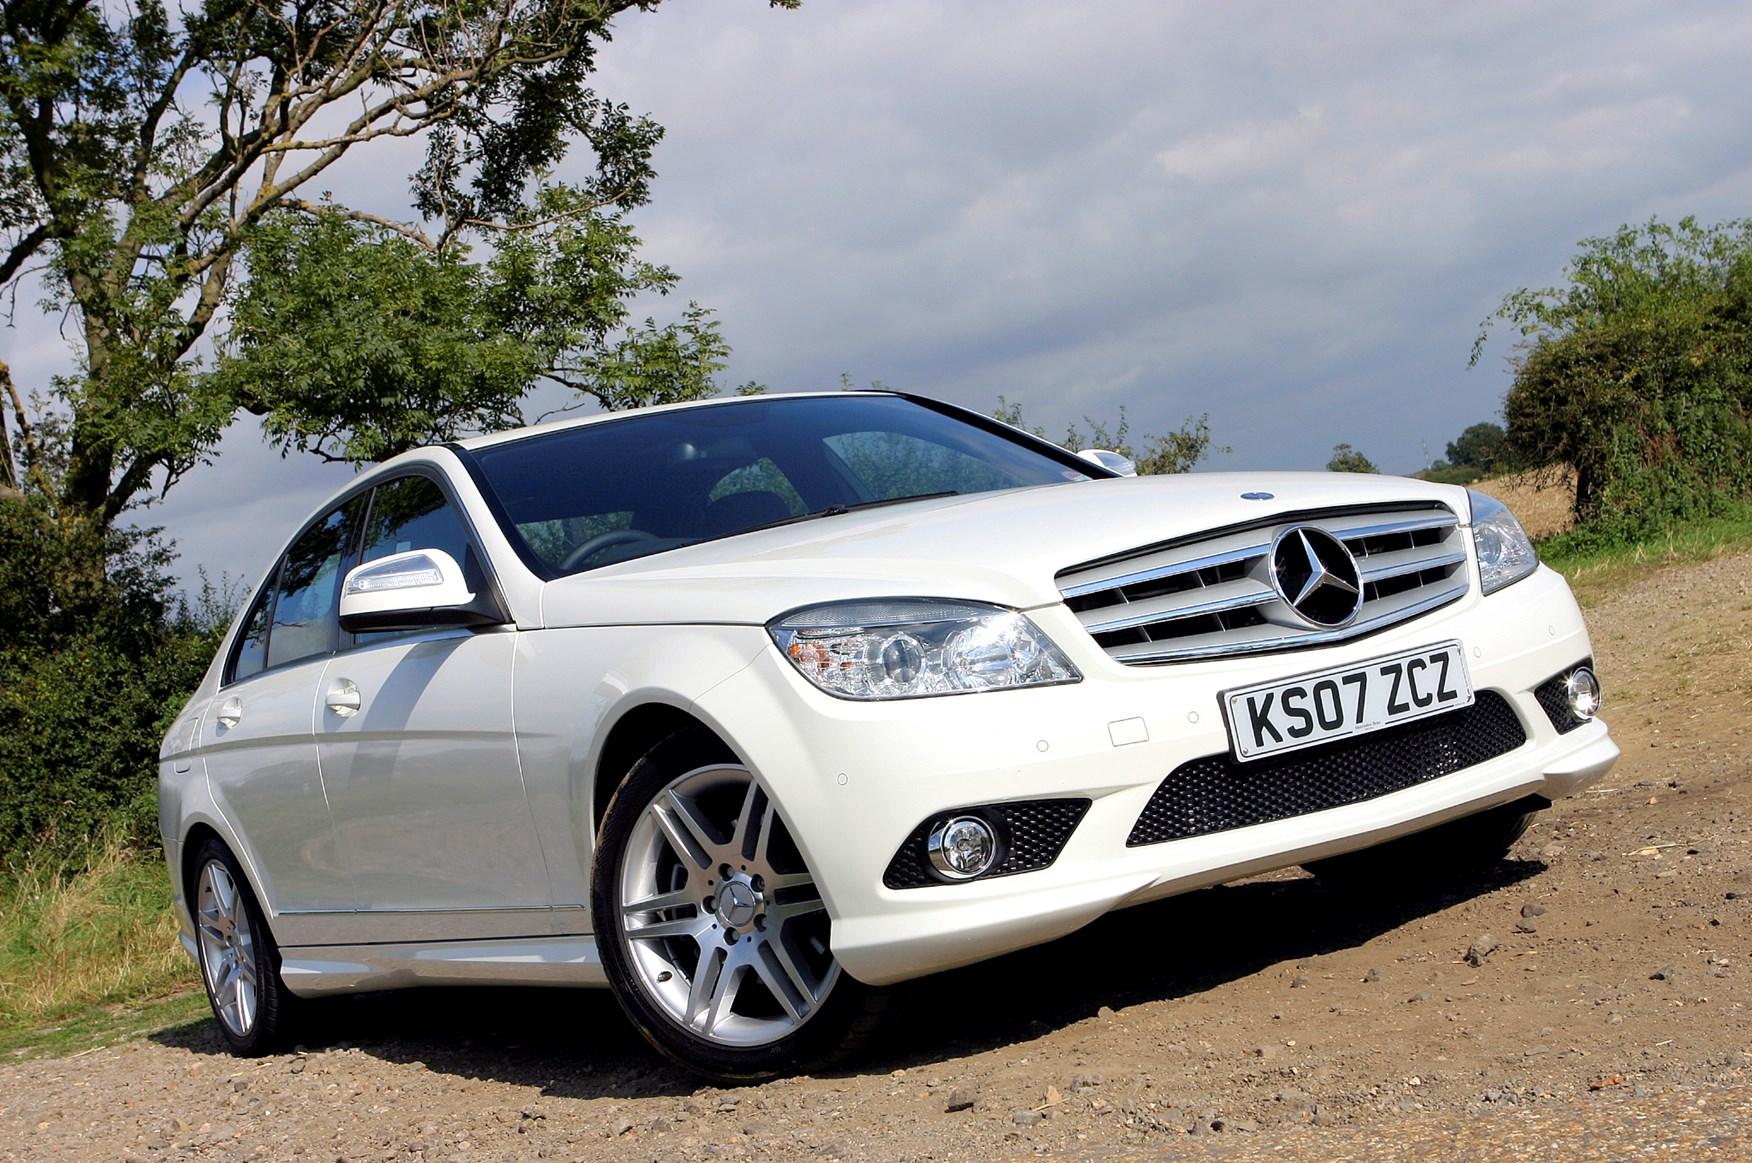 Mercedes-Benz C-Class Saloon (2007 - 2014) Photos | Parkers